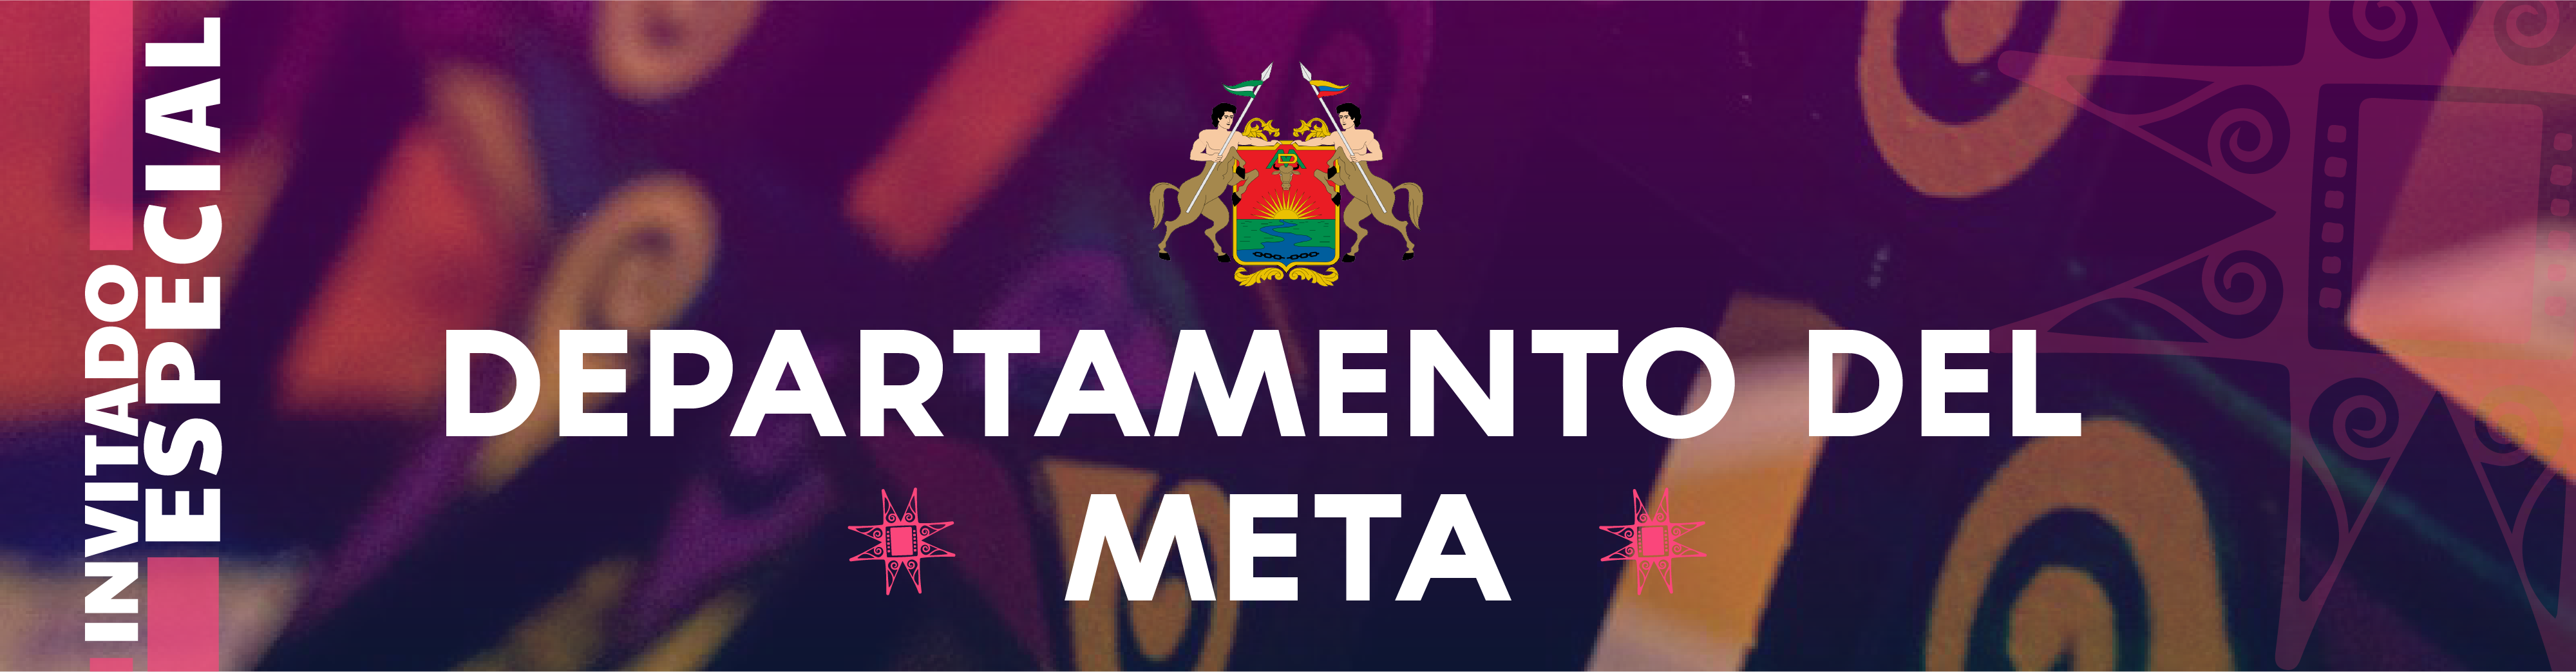 Banner DEPARTAMENTO DEL META-01